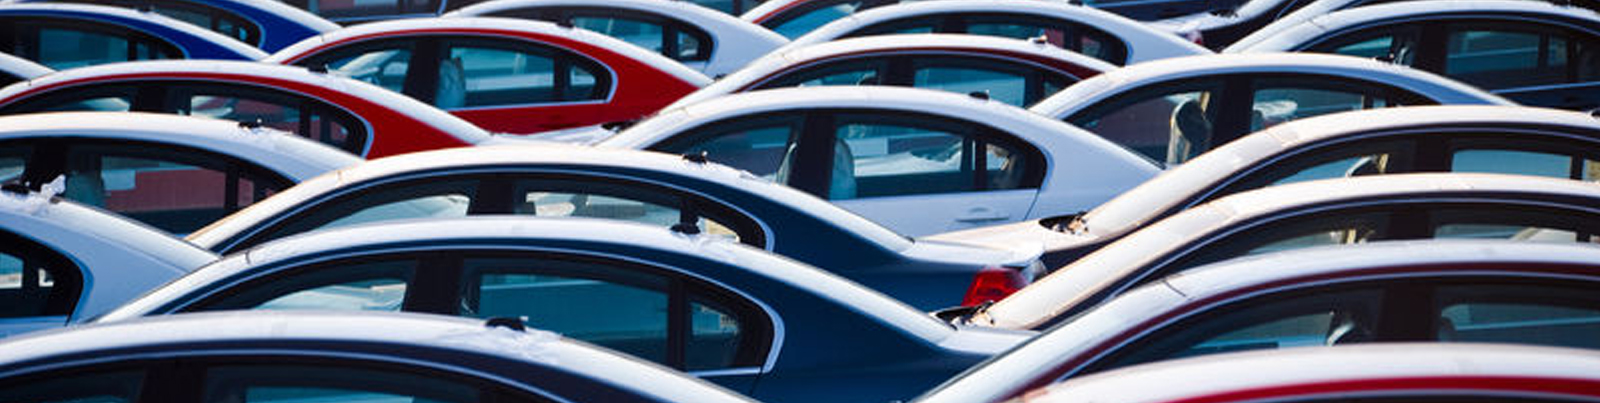 flotte de véhicule lld entreprise